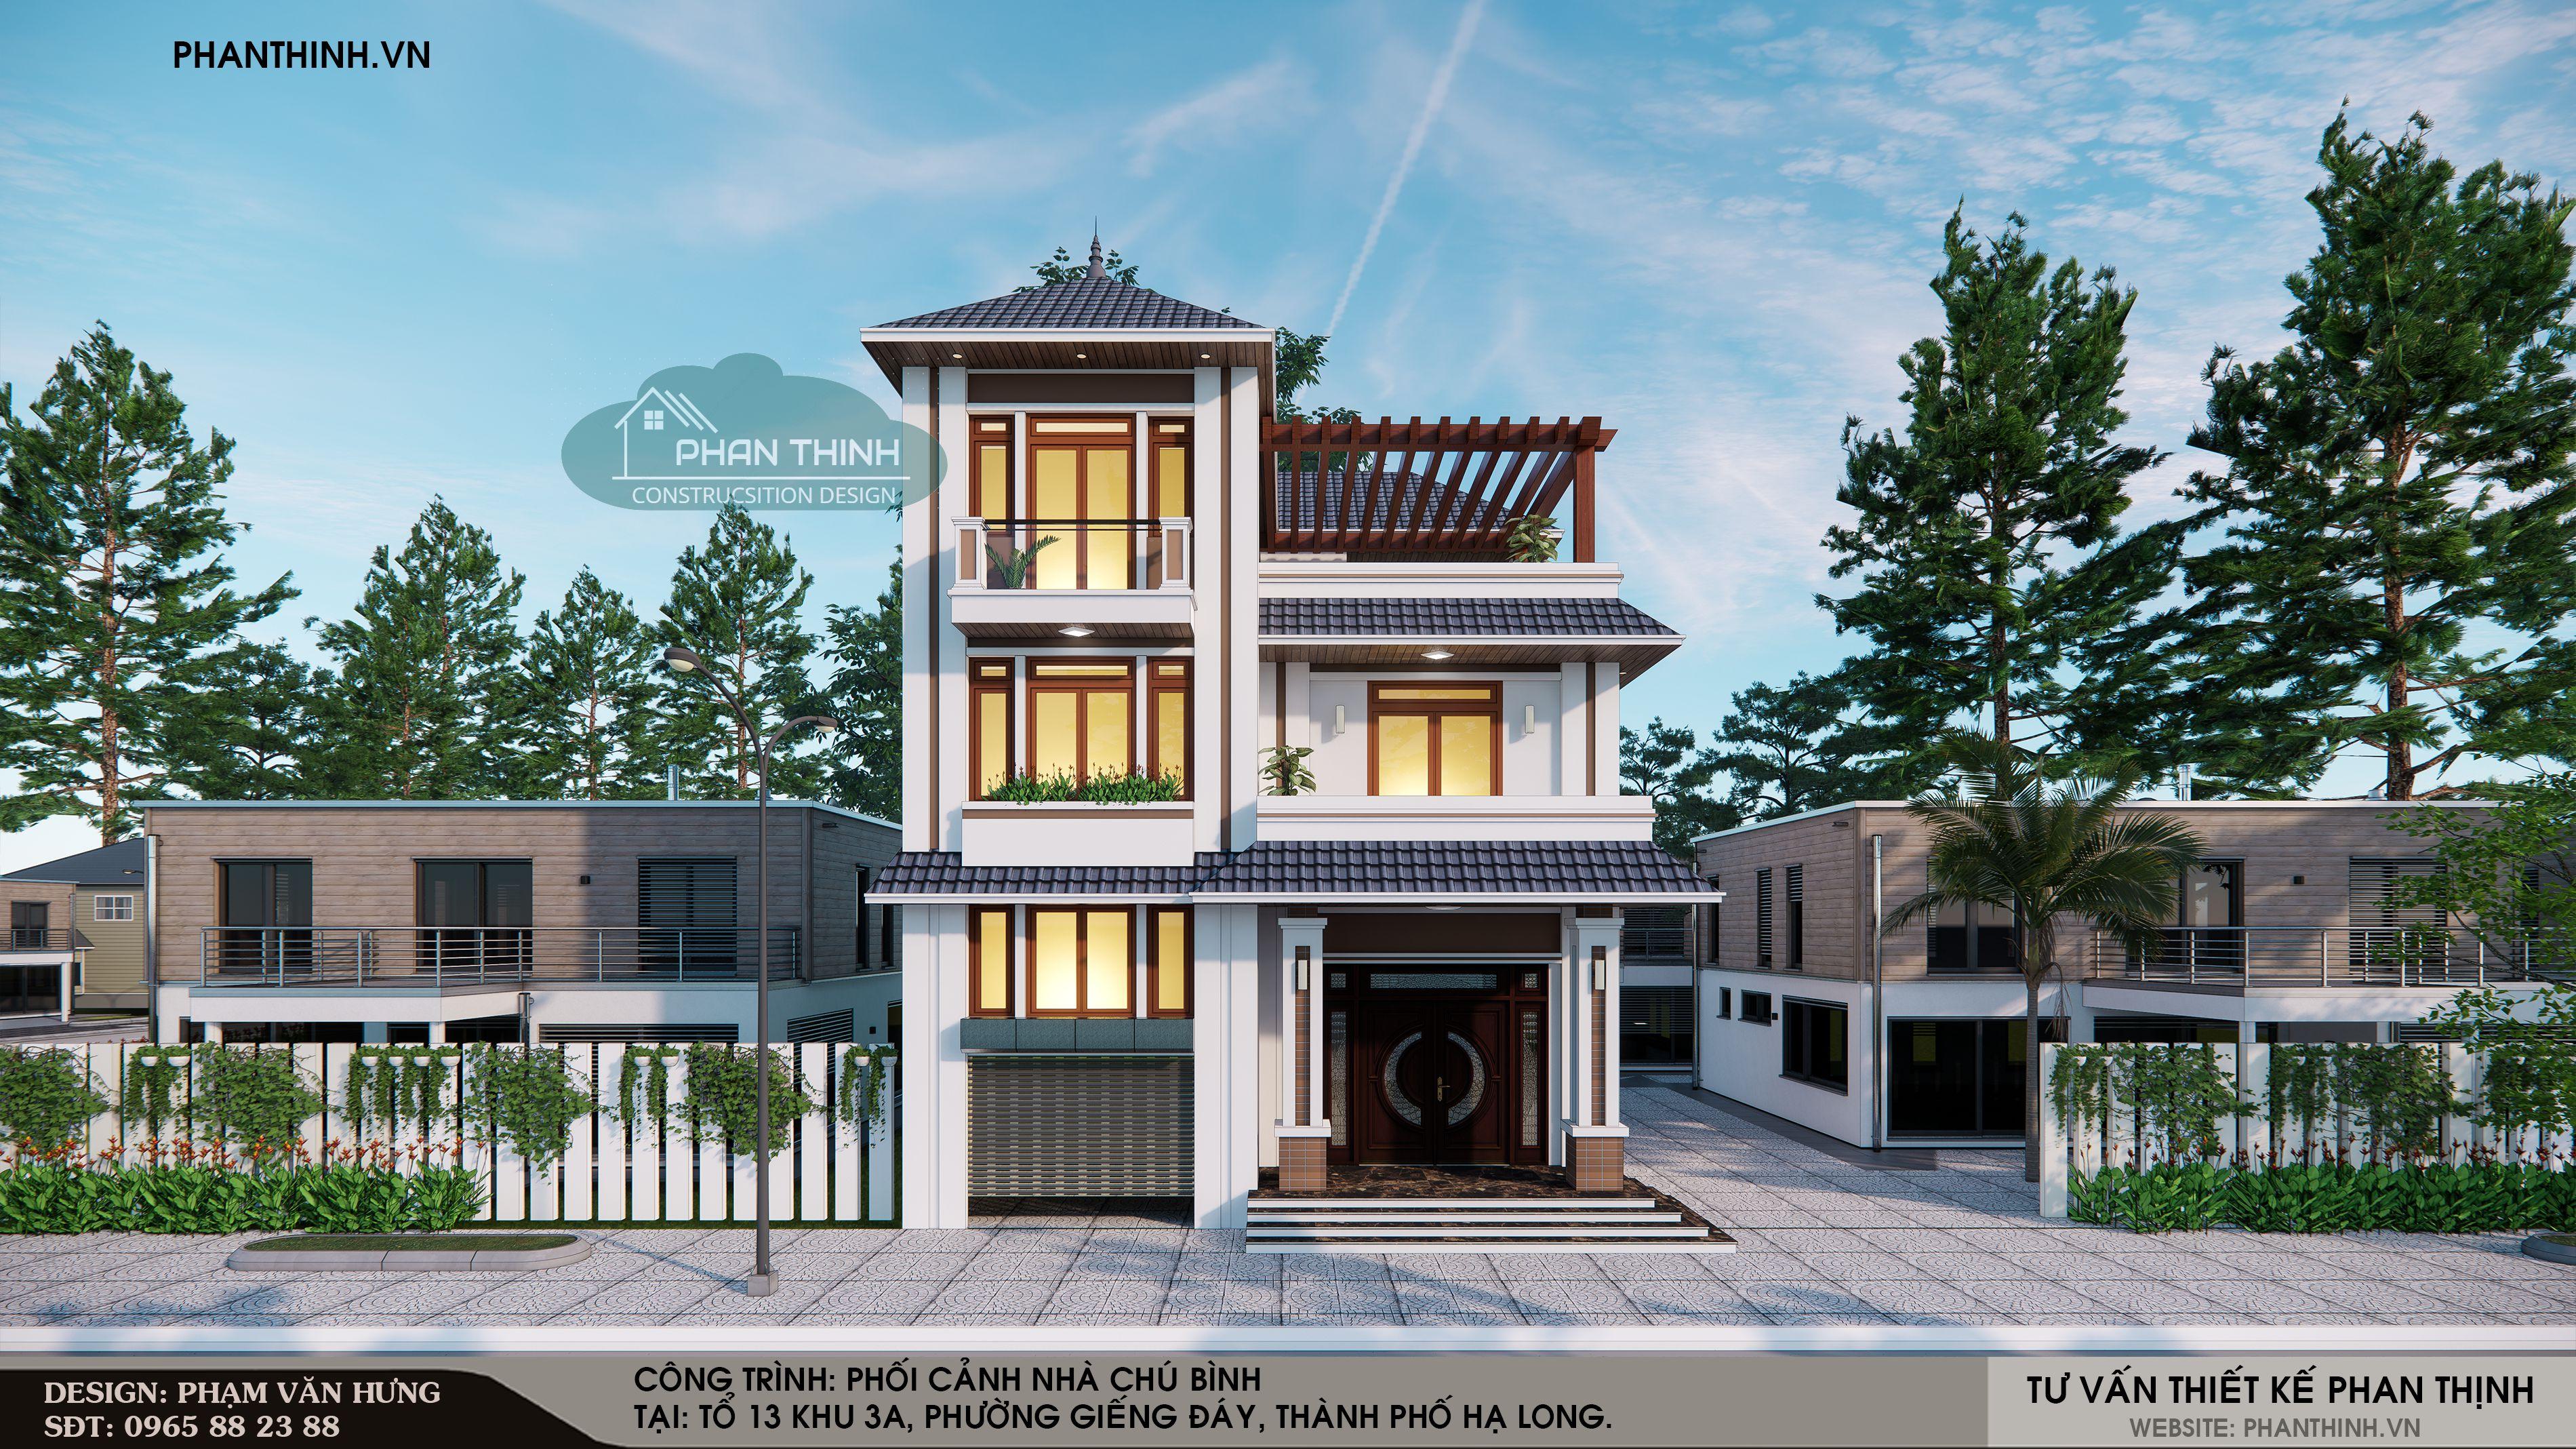 Phương án thiết kế mặt tiền căn nhà 3 tầng mái thái tại phường Giếng Đáy, Hạ Long